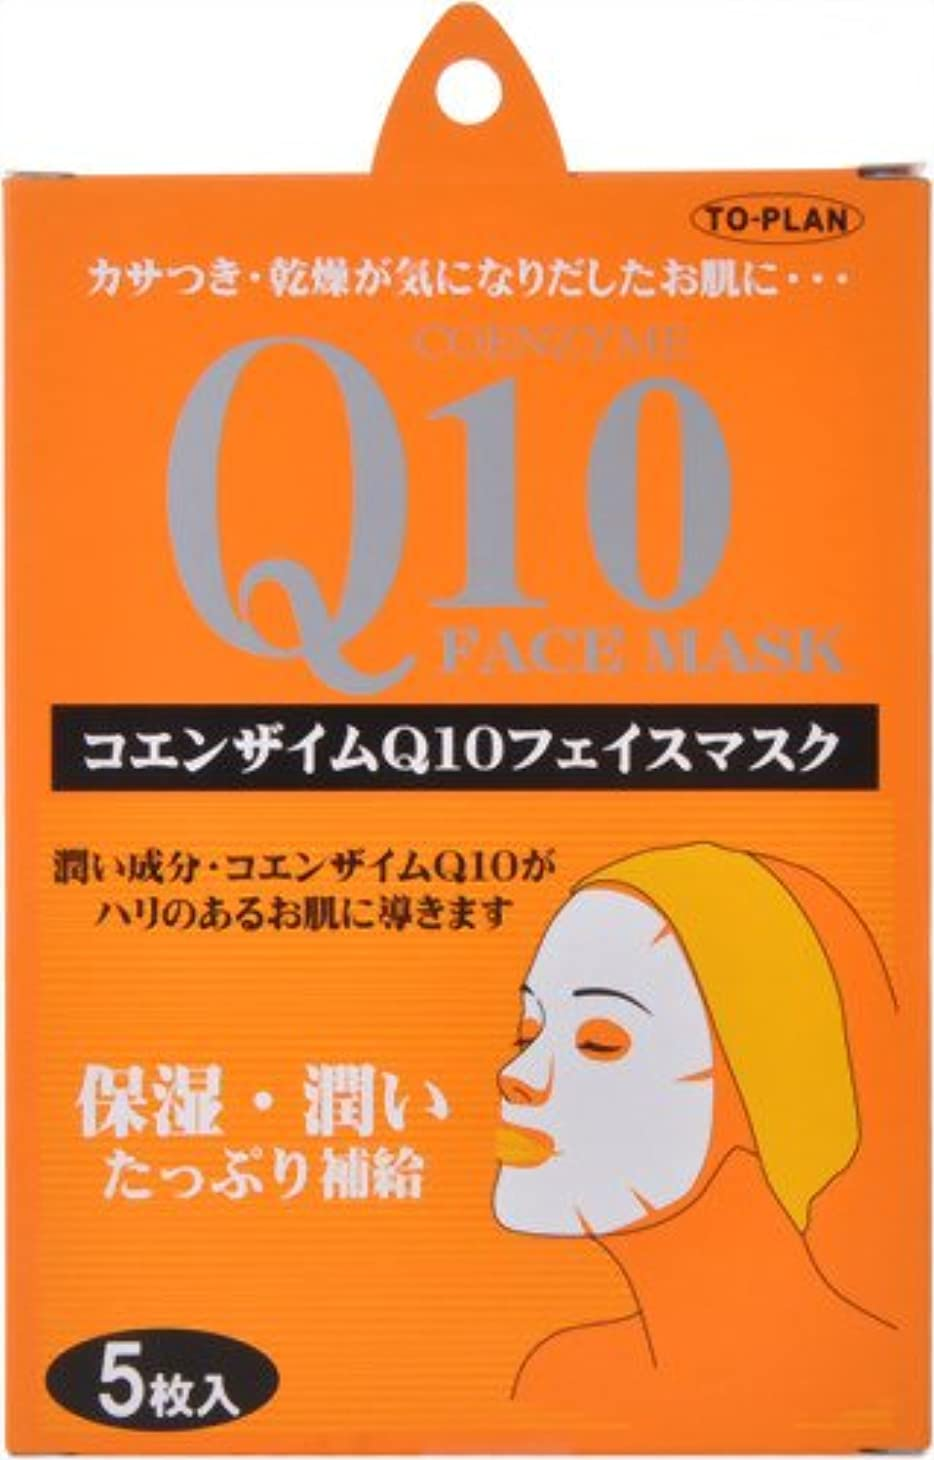 サポート不潔討論TO-PLAN(トプラン) Q10フェイスマスク 5枚入り